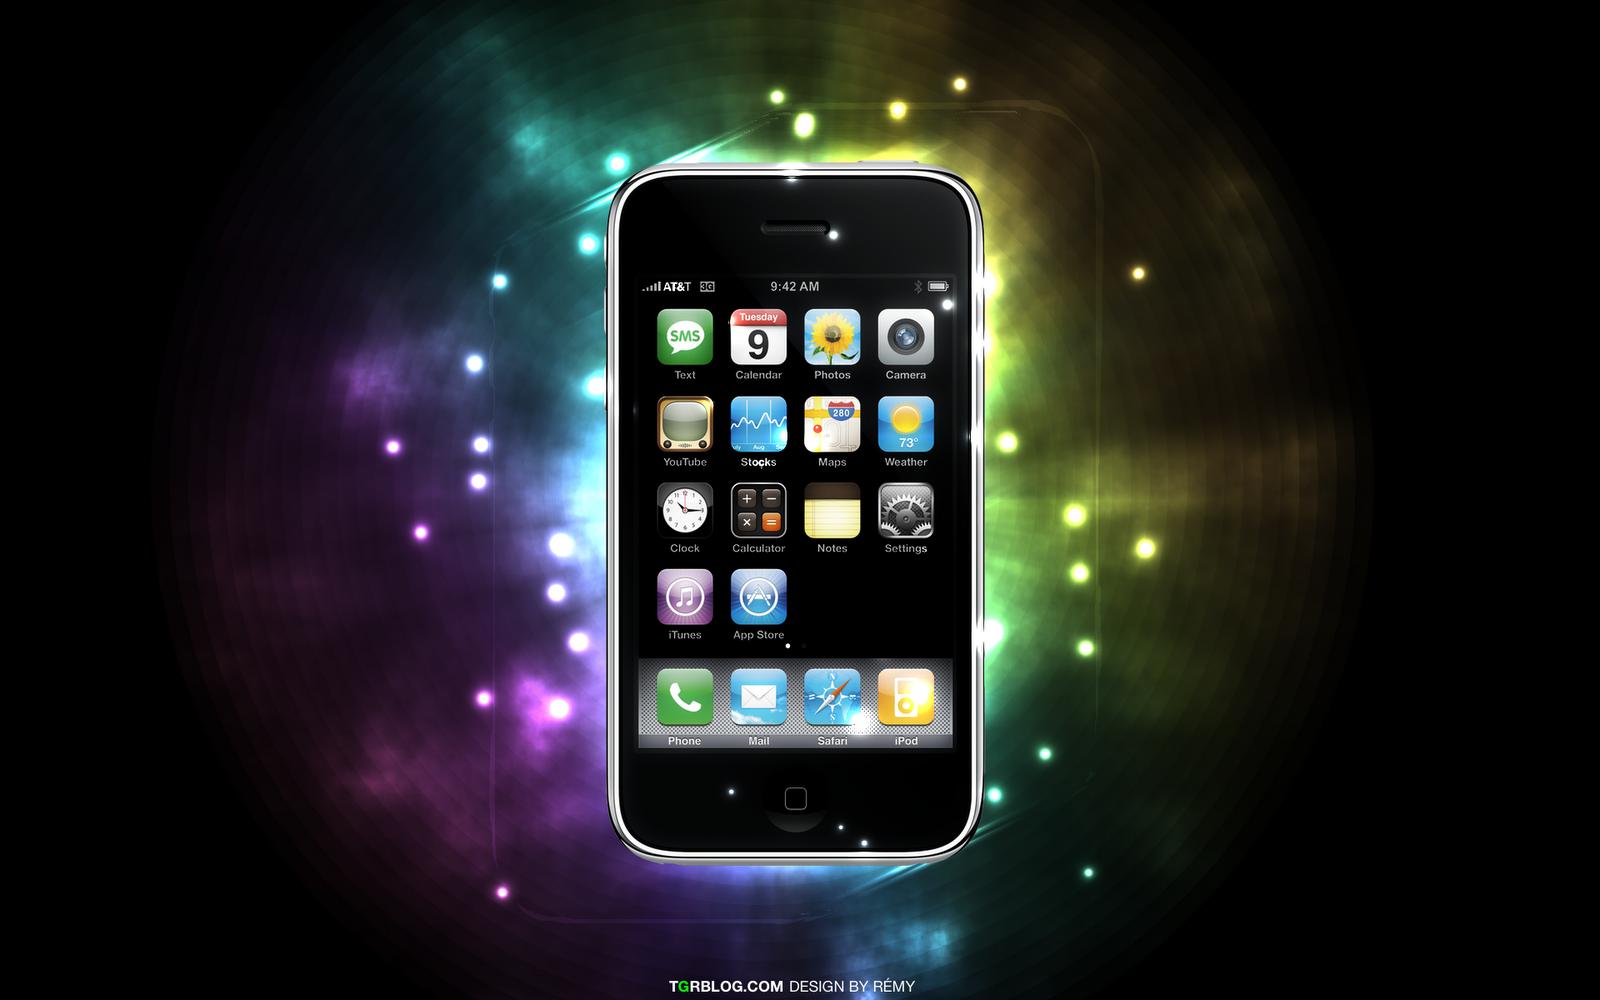 http://2.bp.blogspot.com/-V03gkW0k4r4/UAUZZGQJz9I/AAAAAAAAECs/kjWD9eoIvcA/s1600/iphone-sparks.png